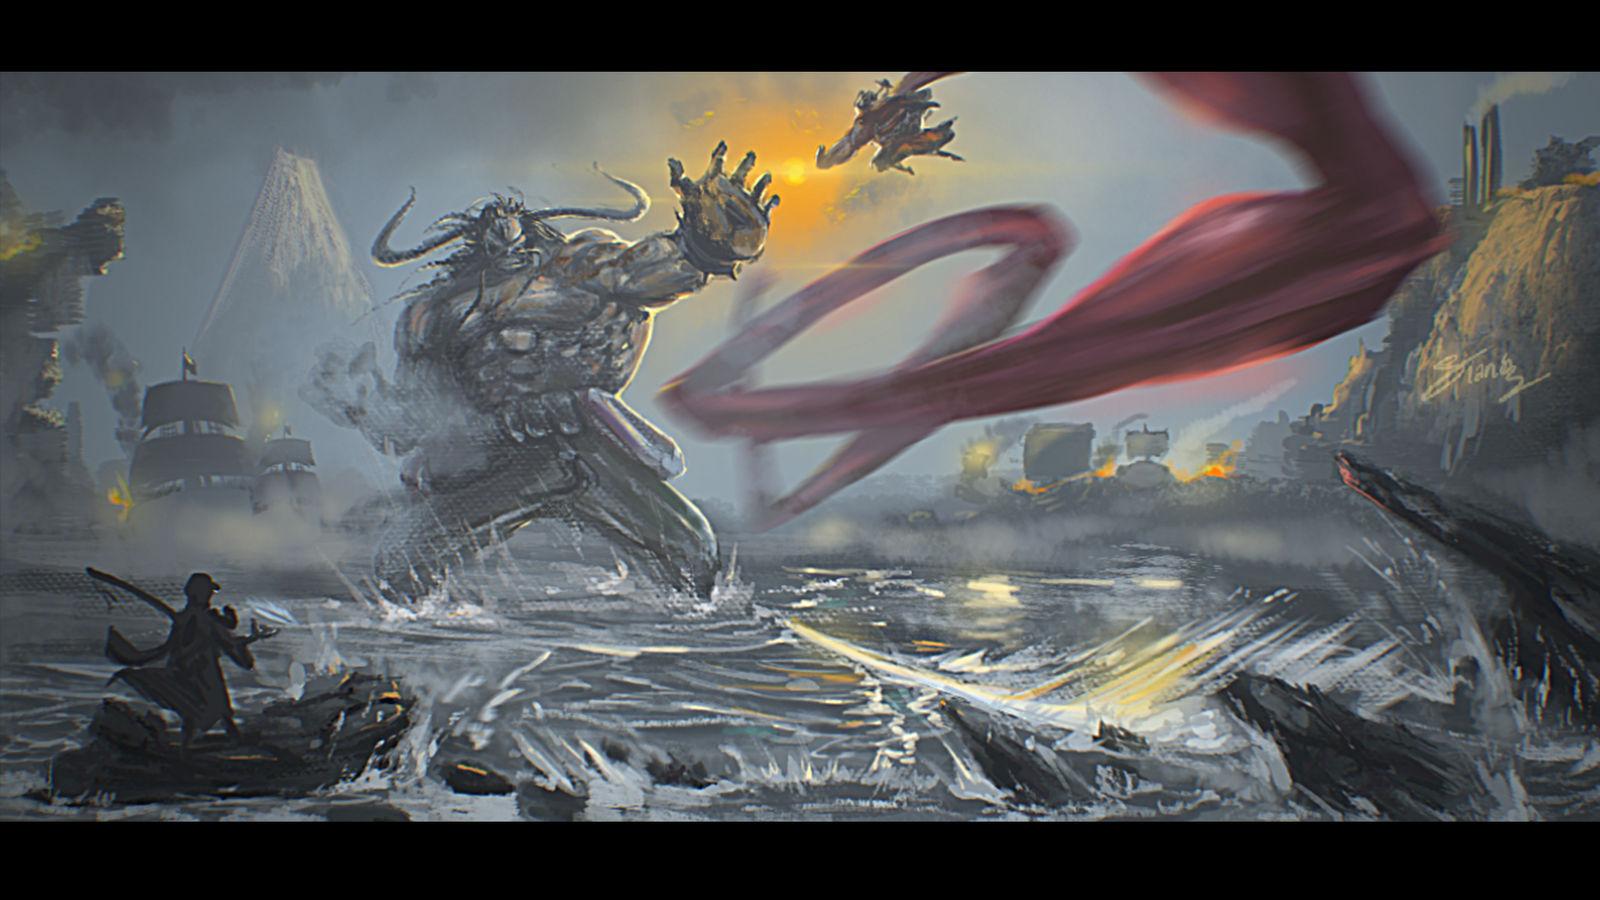 Battle Of Wano Kuni By Frontstabb3r On Deviantart